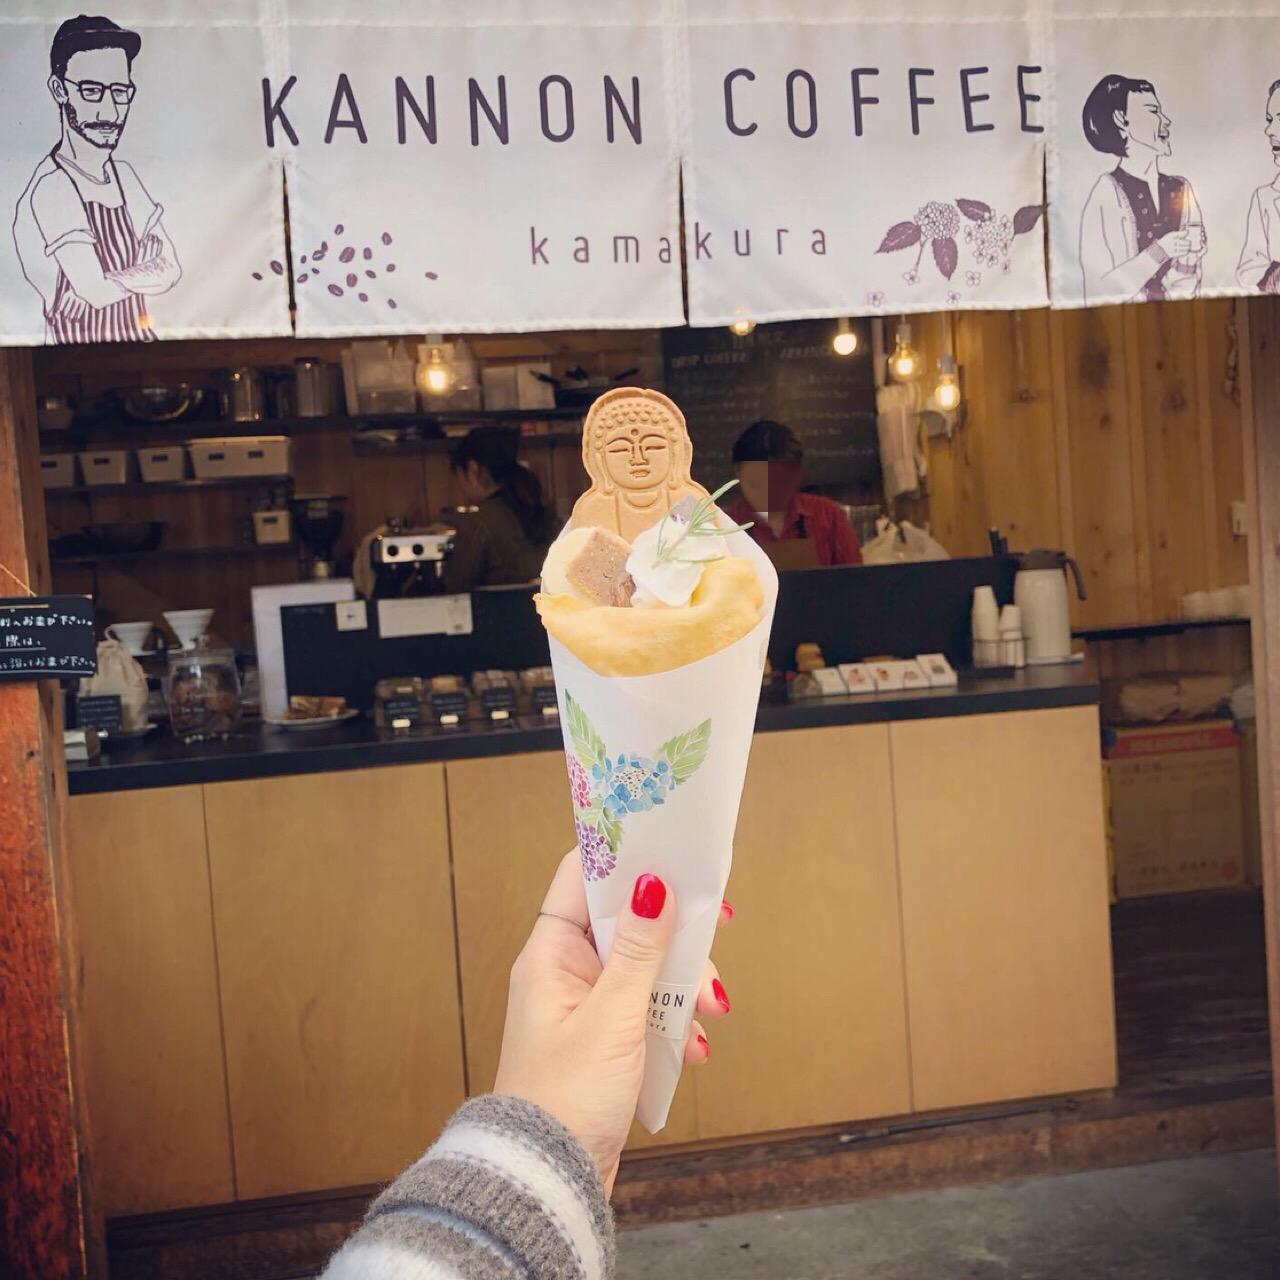 <神奈川*鎌倉>大仏のビスケットがかわいすぎる♡人気コーヒースタンドでいただくクレープが絶品!♡_1